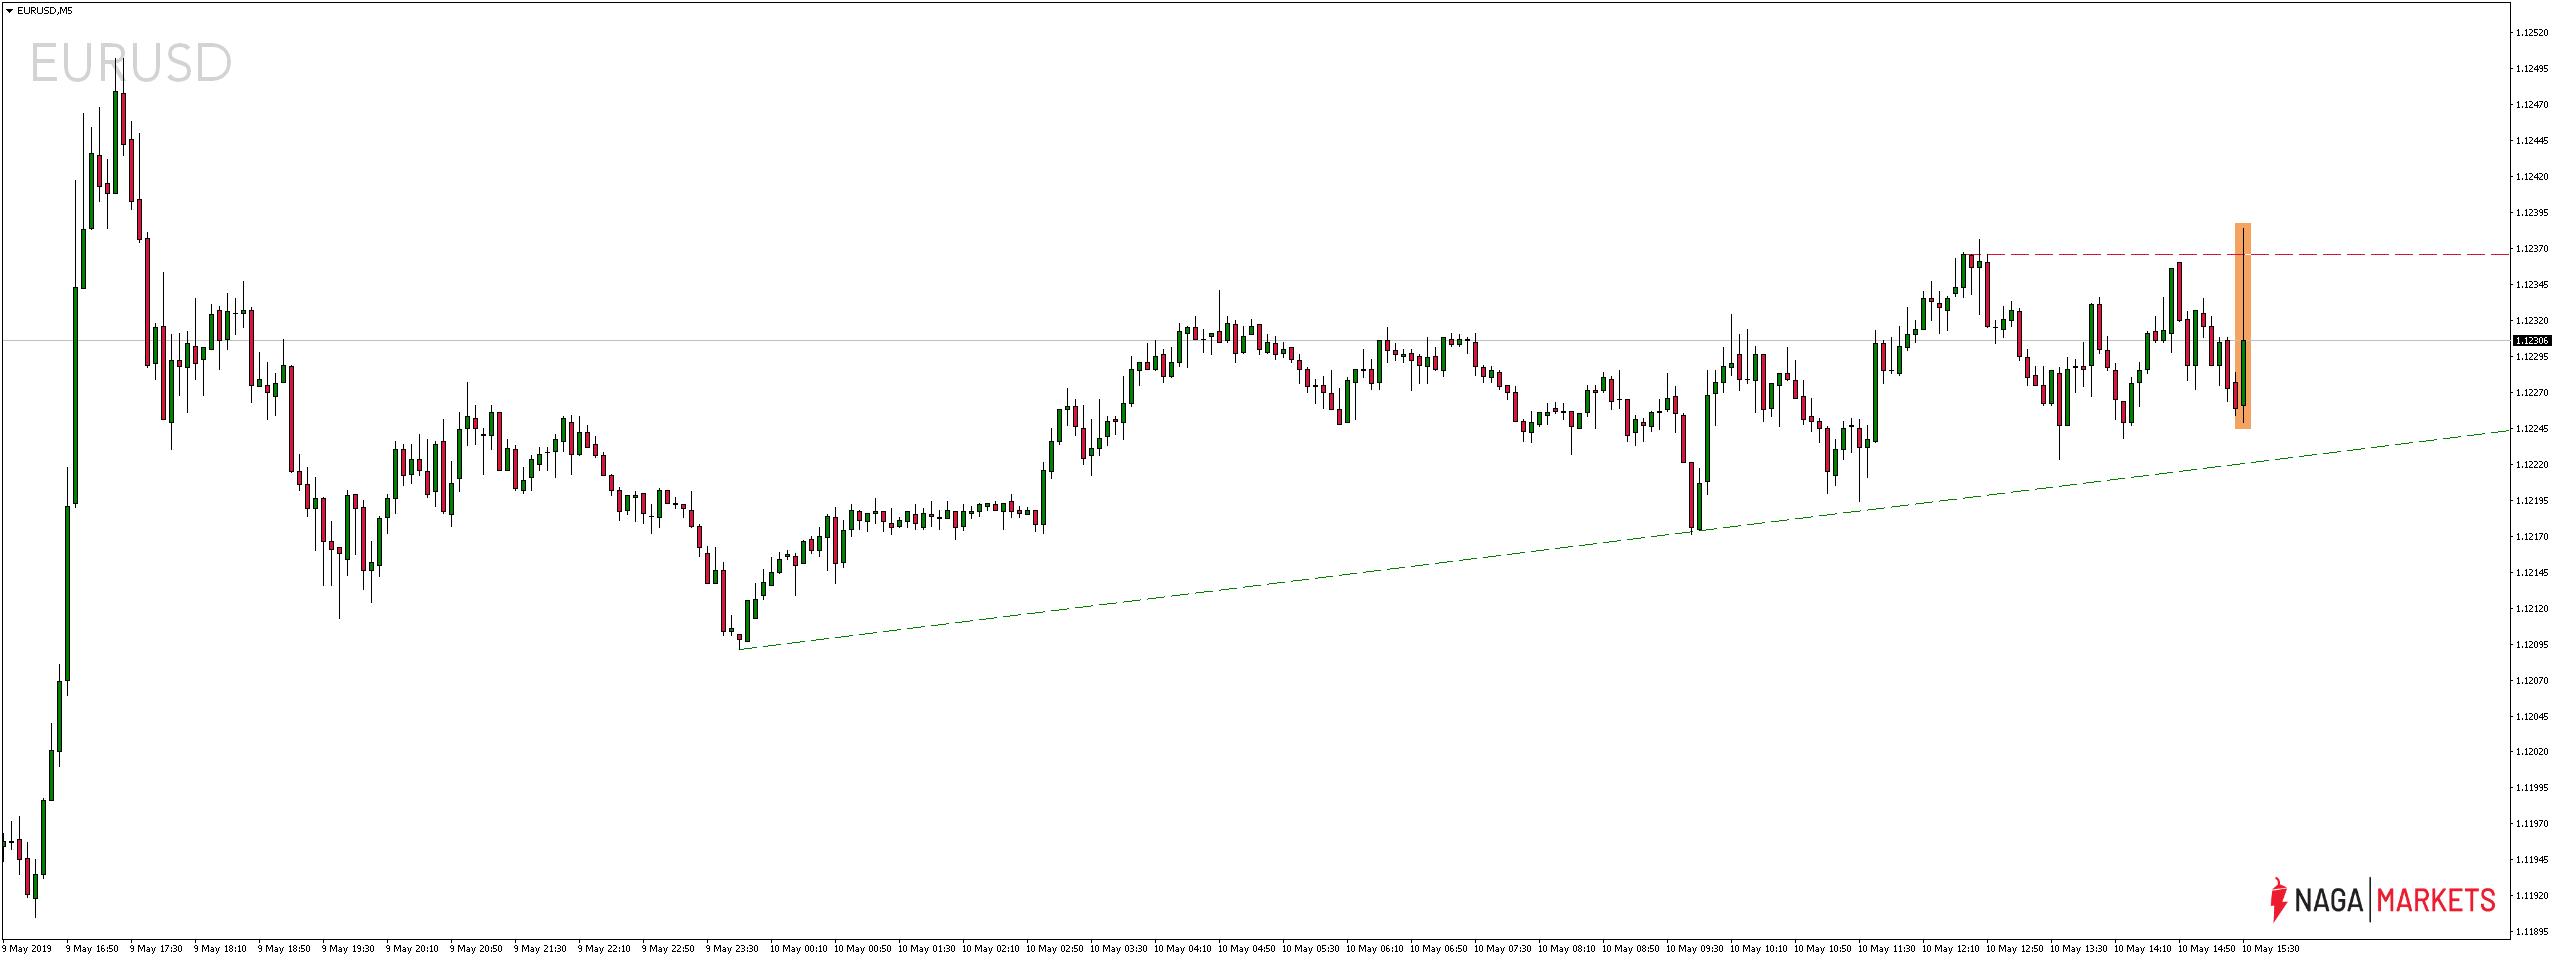 Notowania pary walutowej EURUSD w piątek, 10 maja 2019 roku